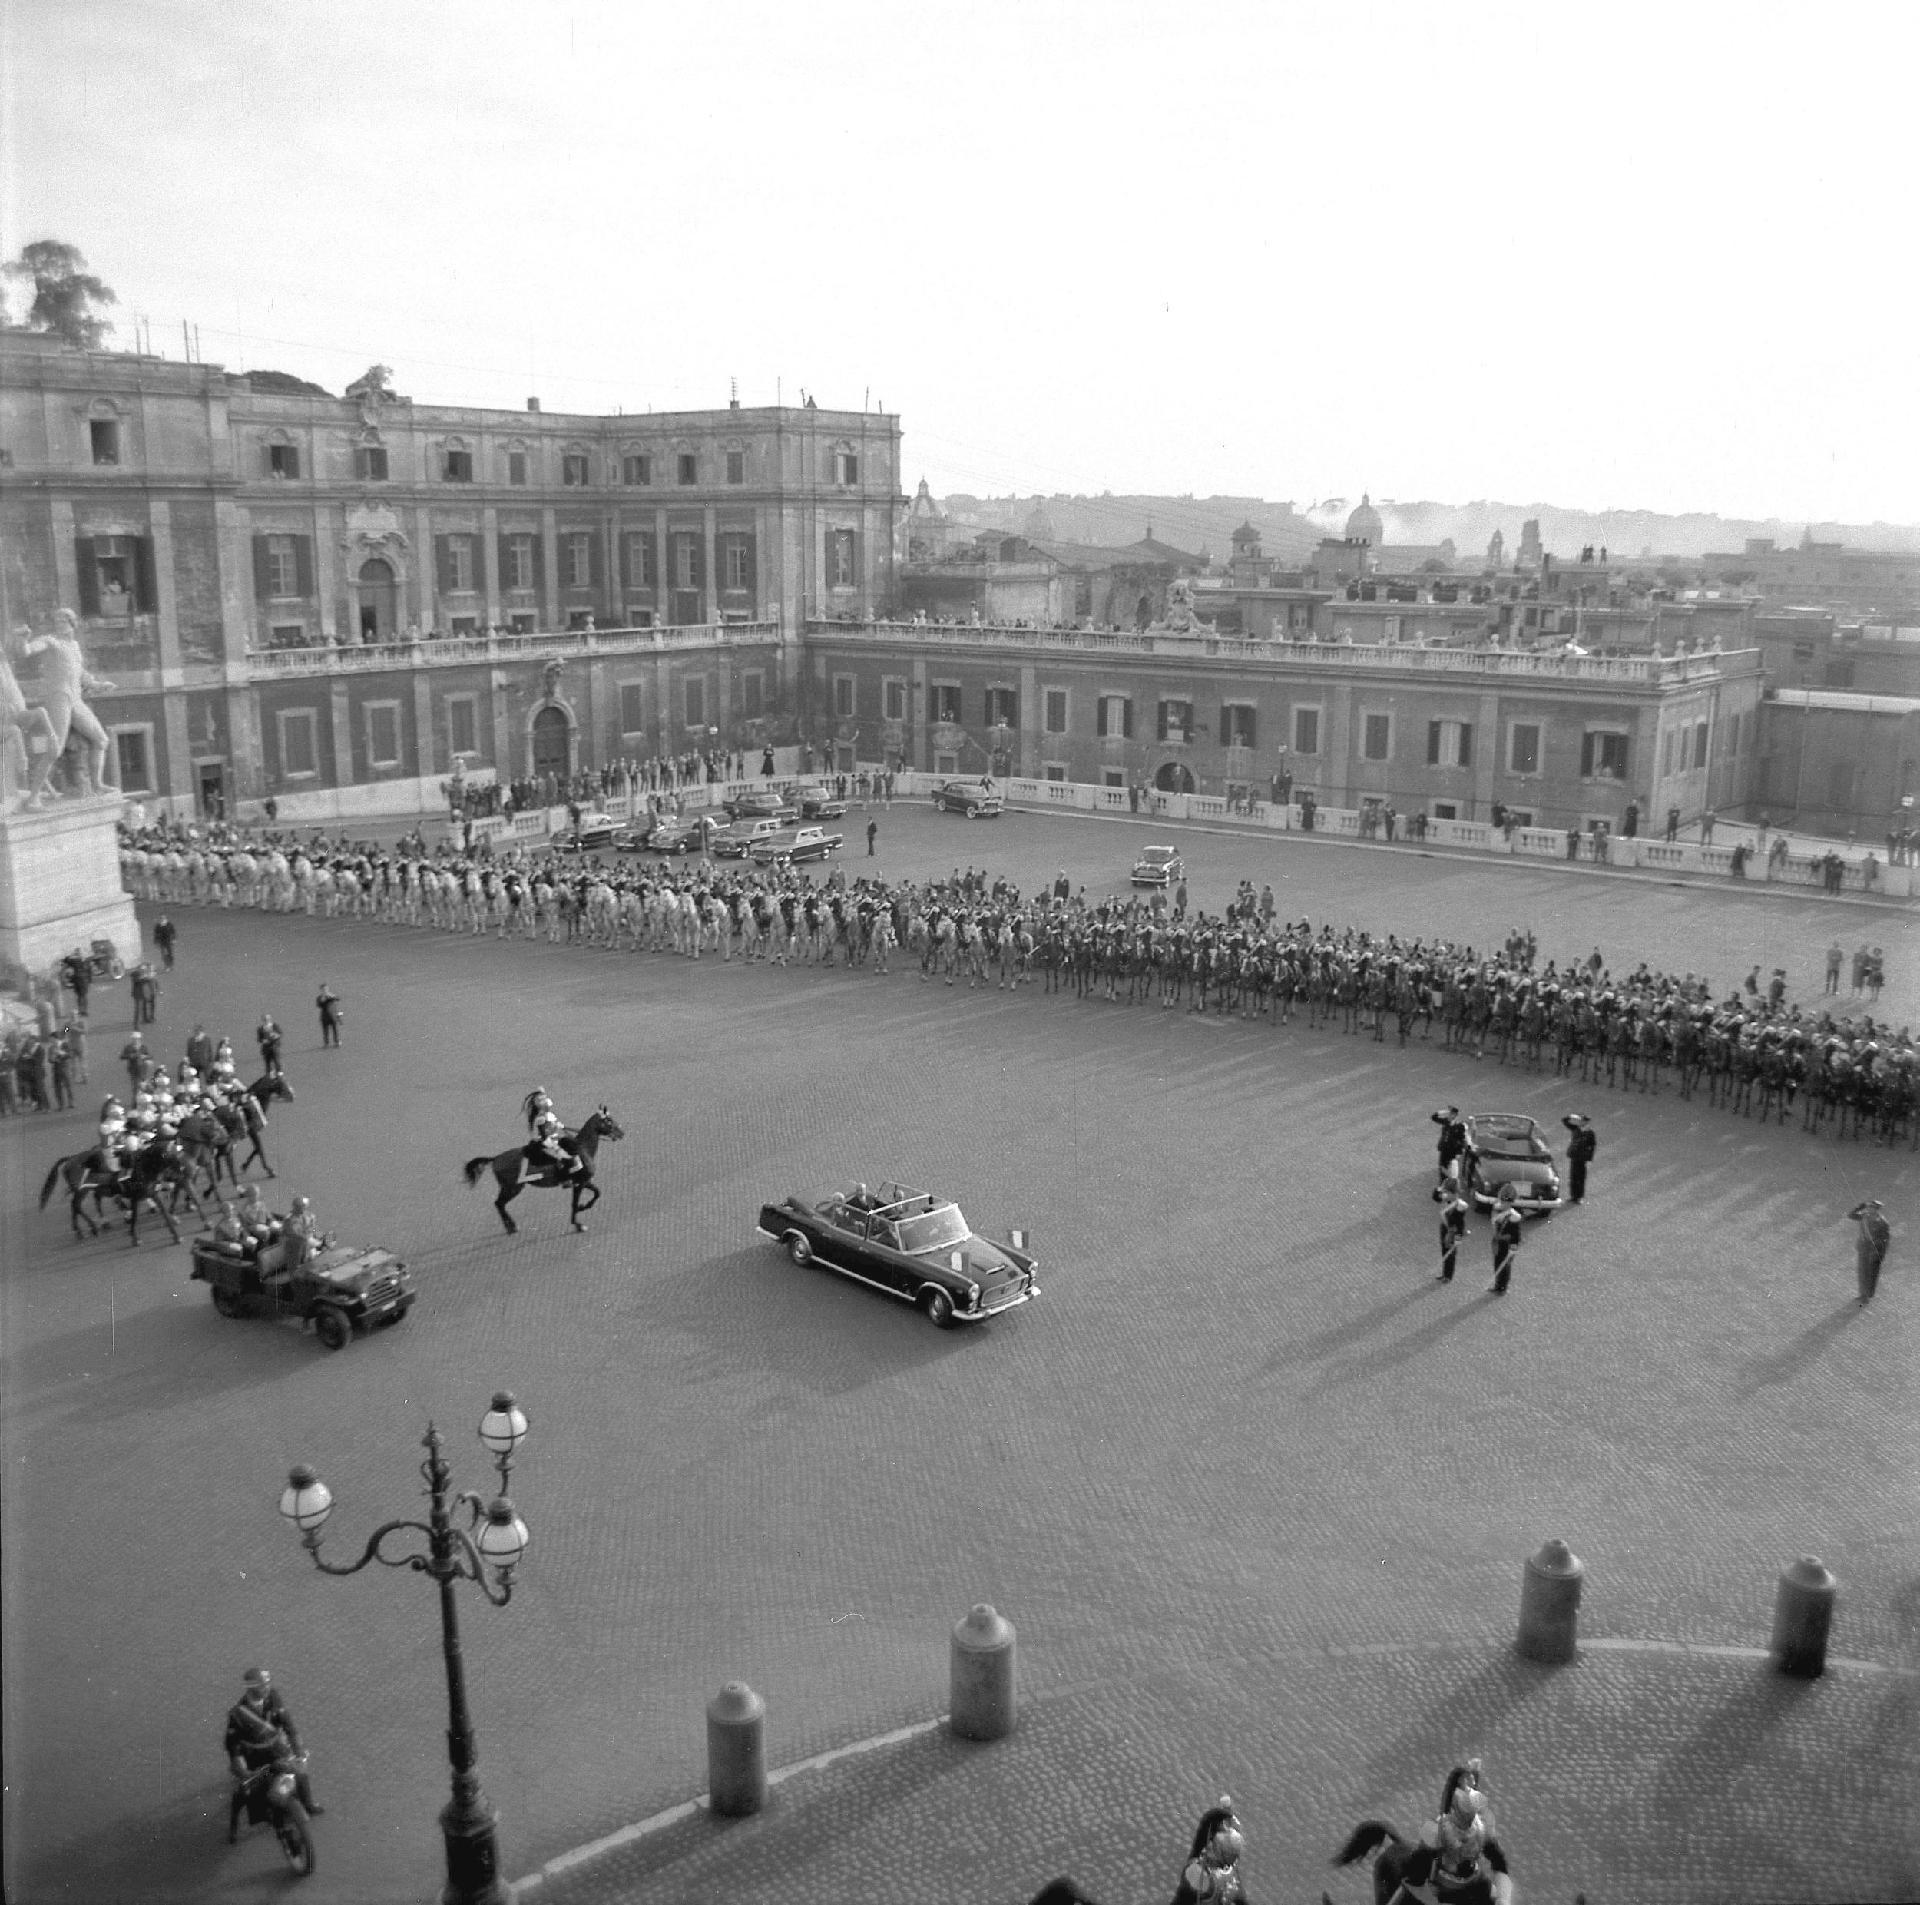 La vettura presidenziale mentre arriva al Quirinale con il Presidente della Repubblica Antonio Segni per la cerimonia di Insediamento